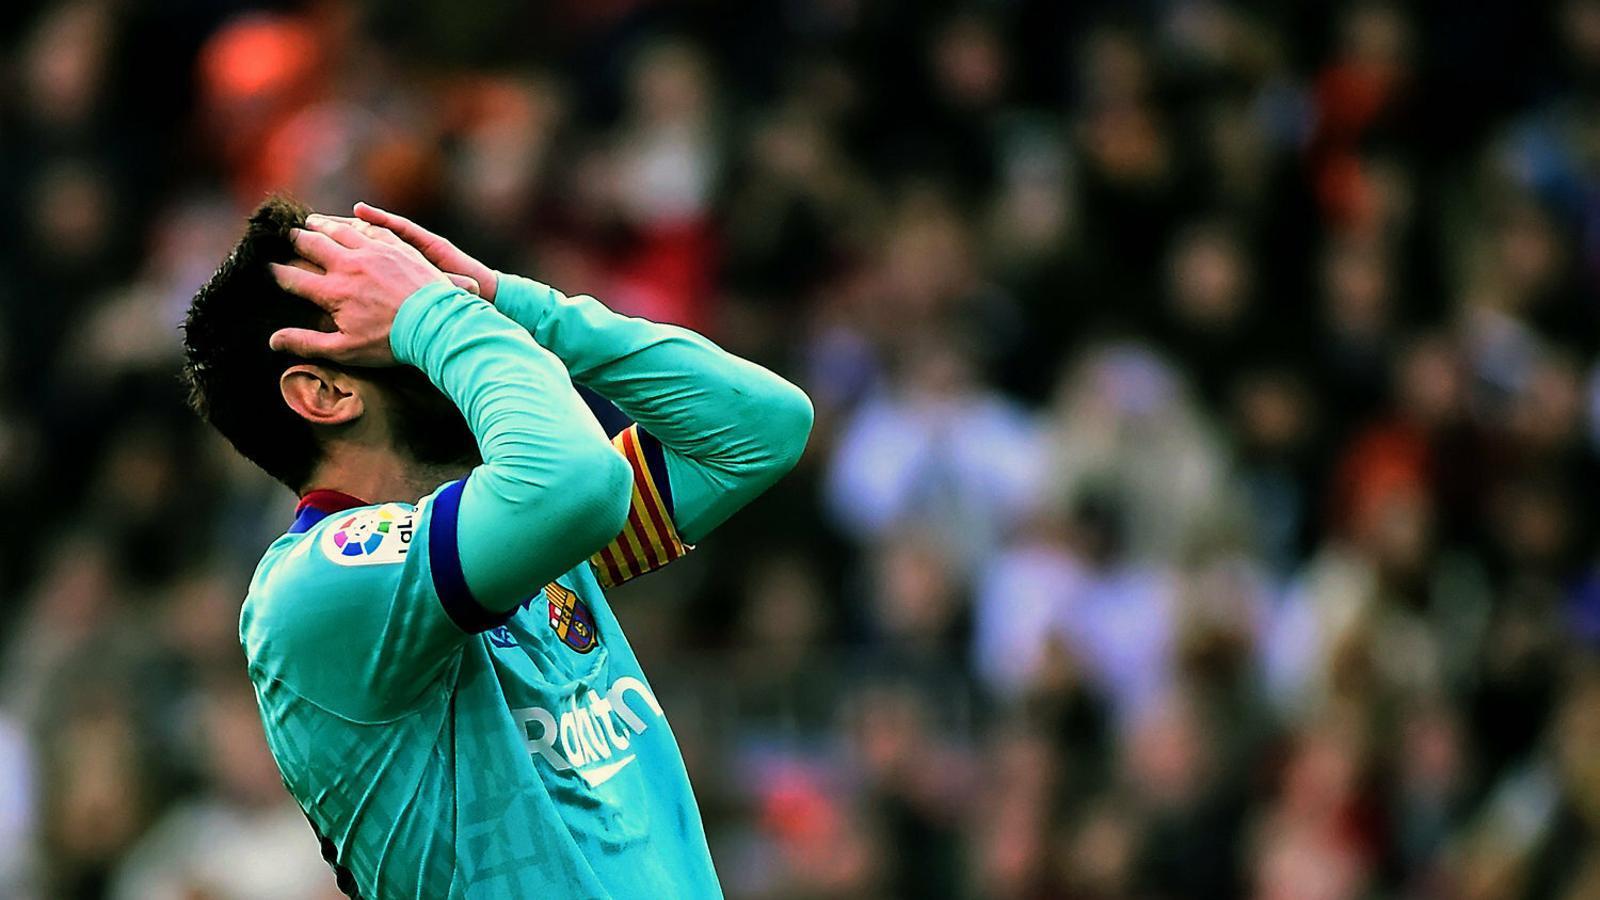 El Barça de Setién, contra el mirall i el temps